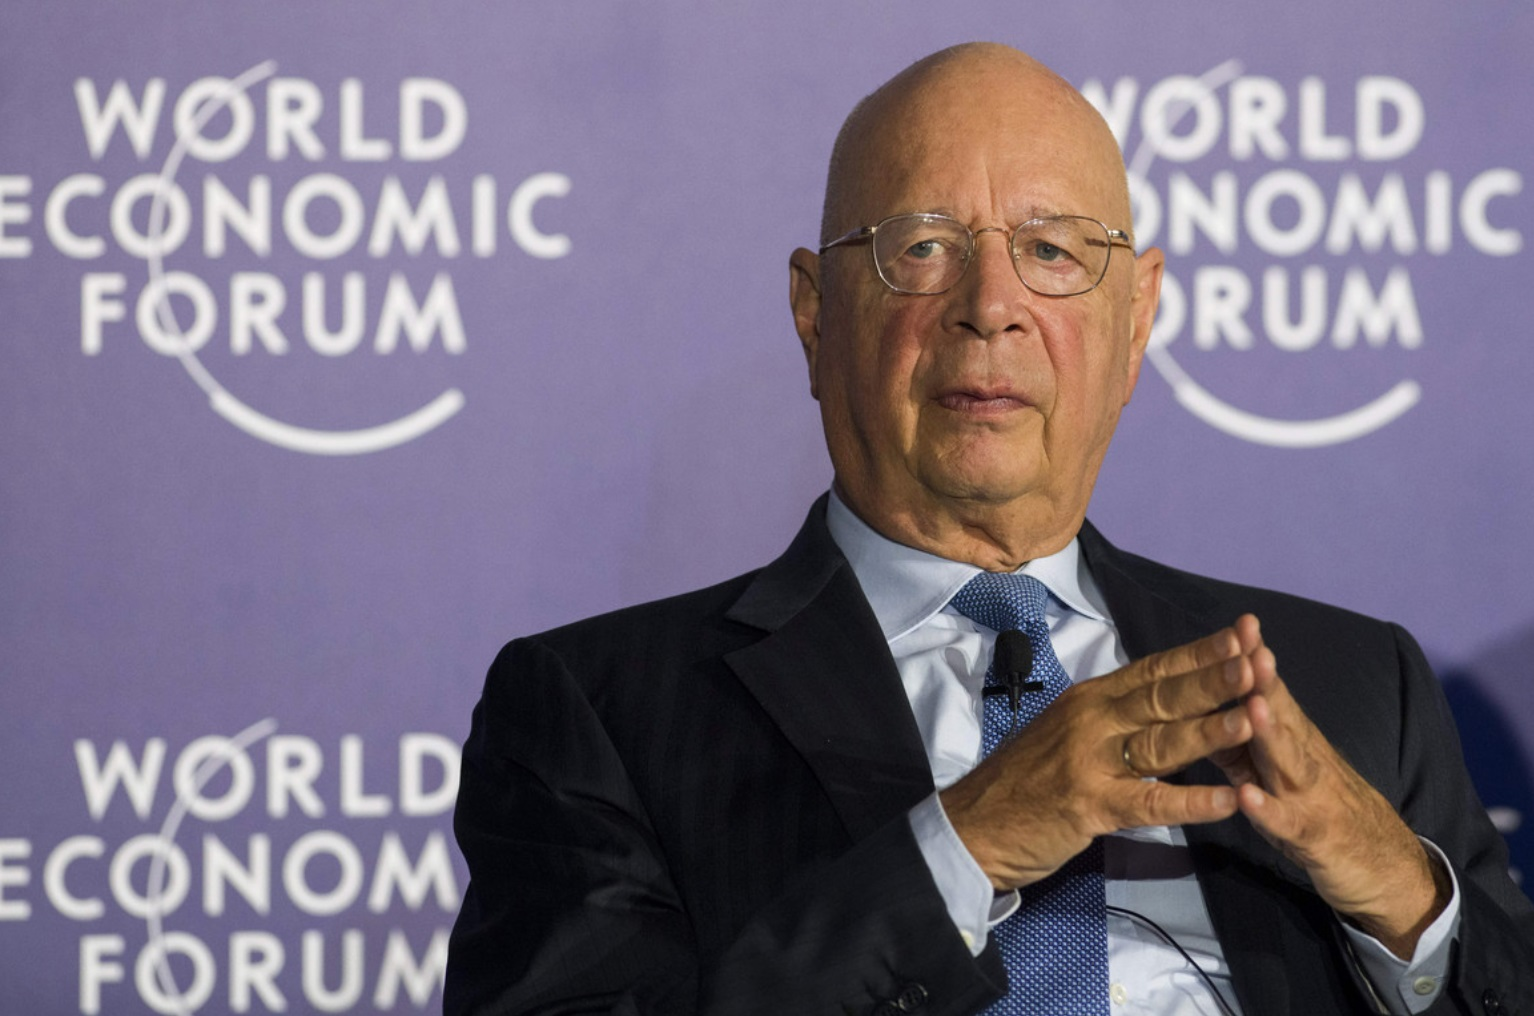 Klaus Schwab WEF Davos 2021 Agenda Great Reset